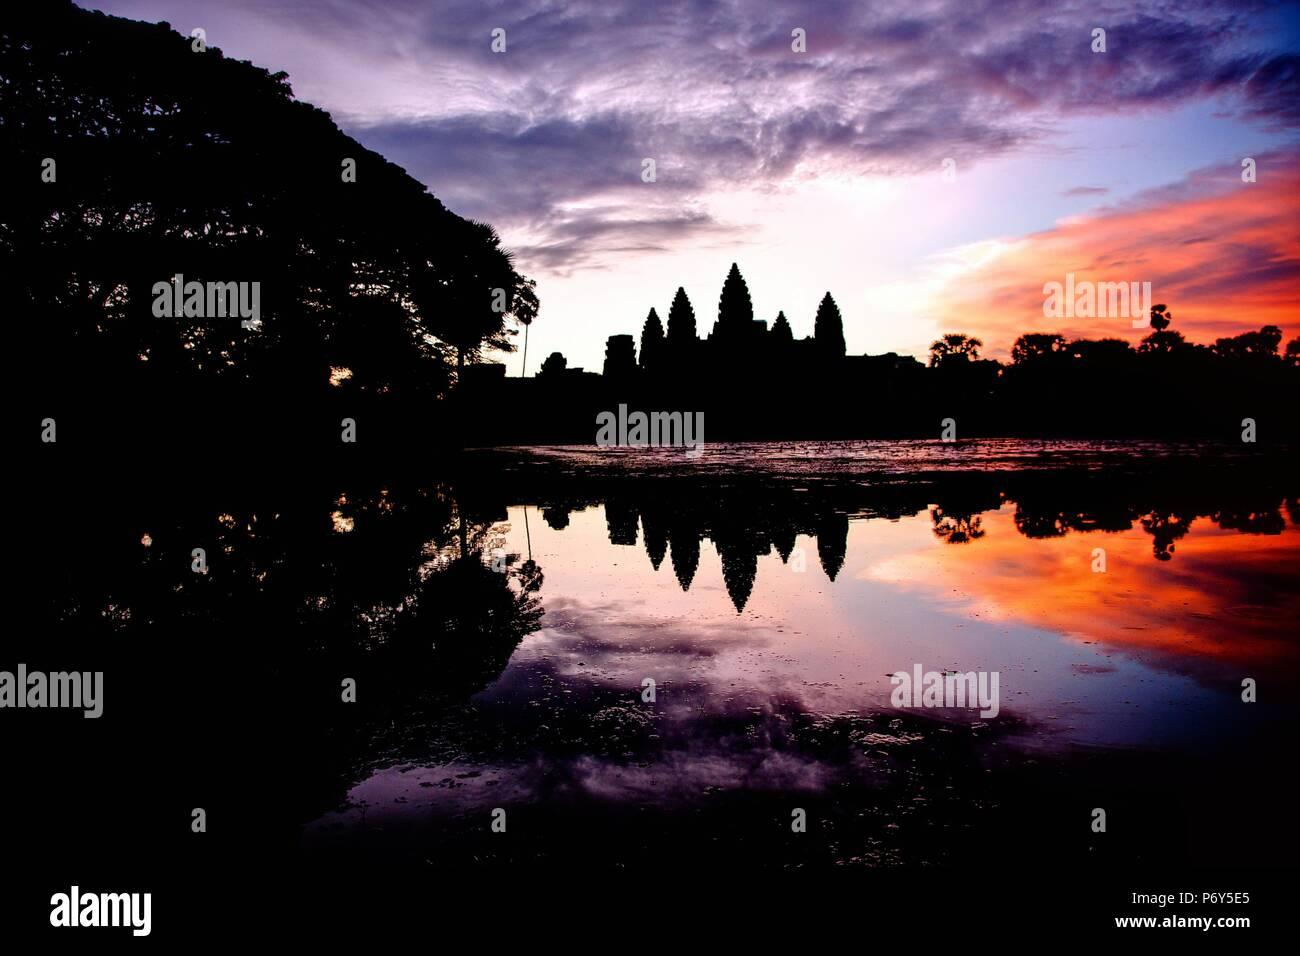 angkor wat at sunrise - Stock Image